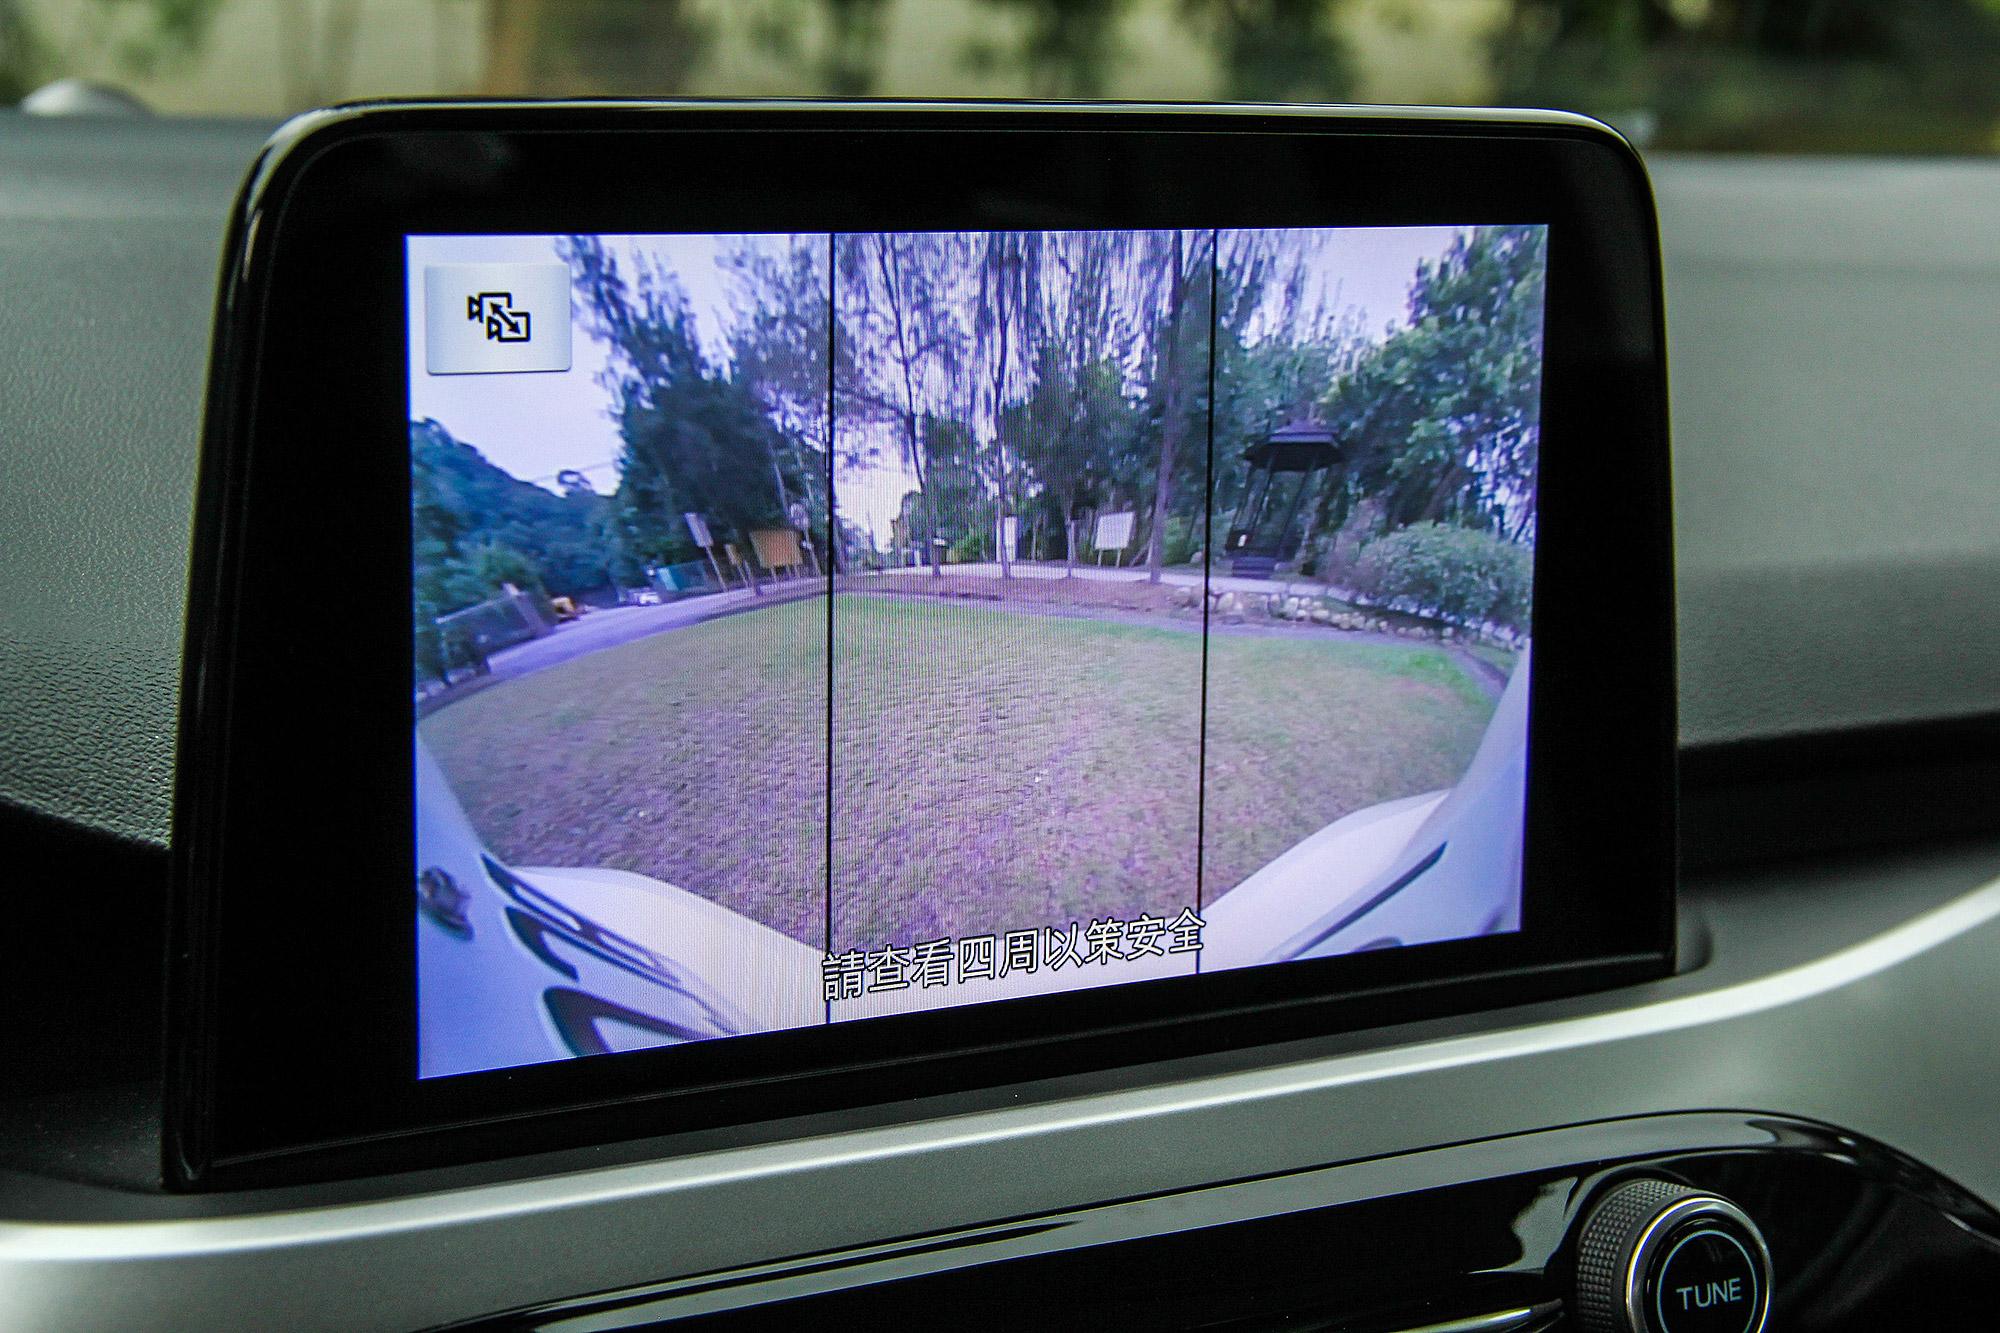 倒車顯影具有超廣角視角。